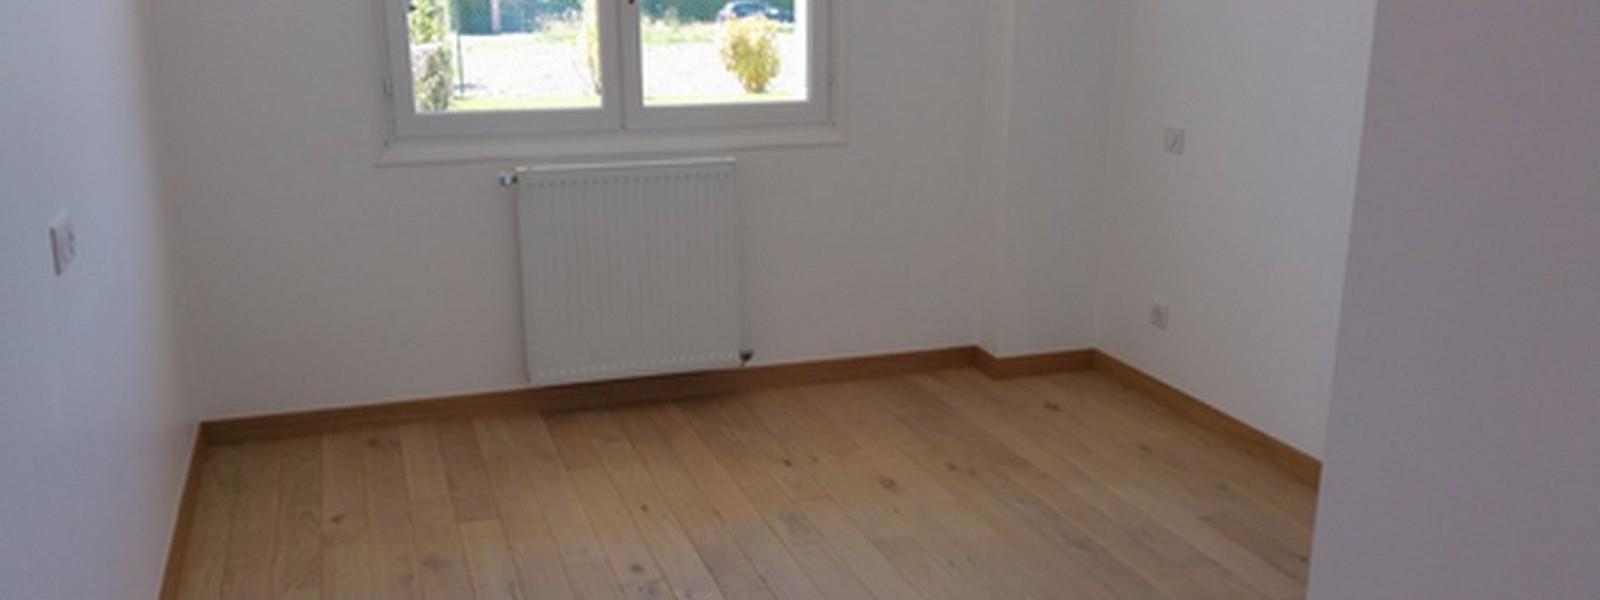 CHEMIN DES PUGINS - Appartements en copropriété - Visuel 3 - Impact immobilier 01